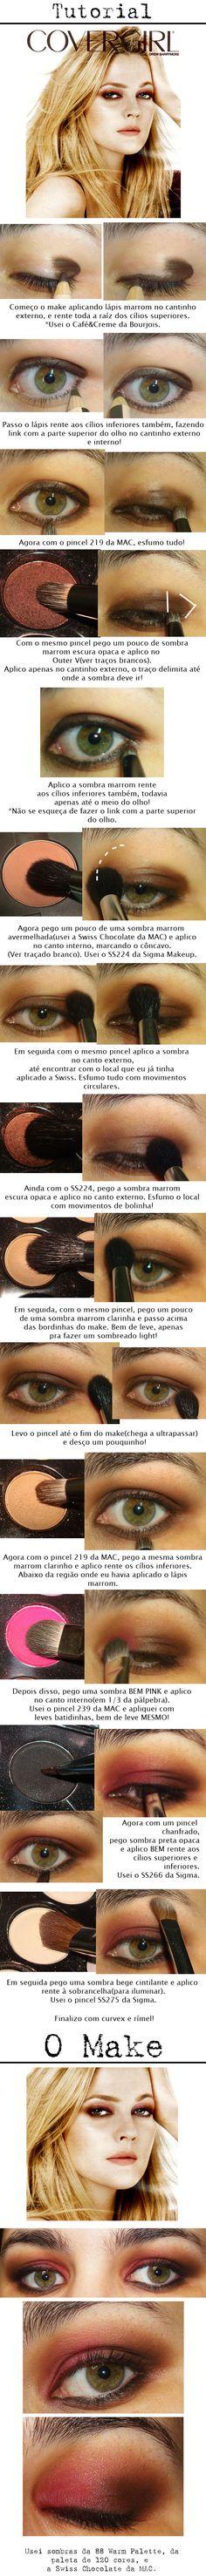 Tutorial - Drew Barrymore, muy buen tutorial de maquillaje